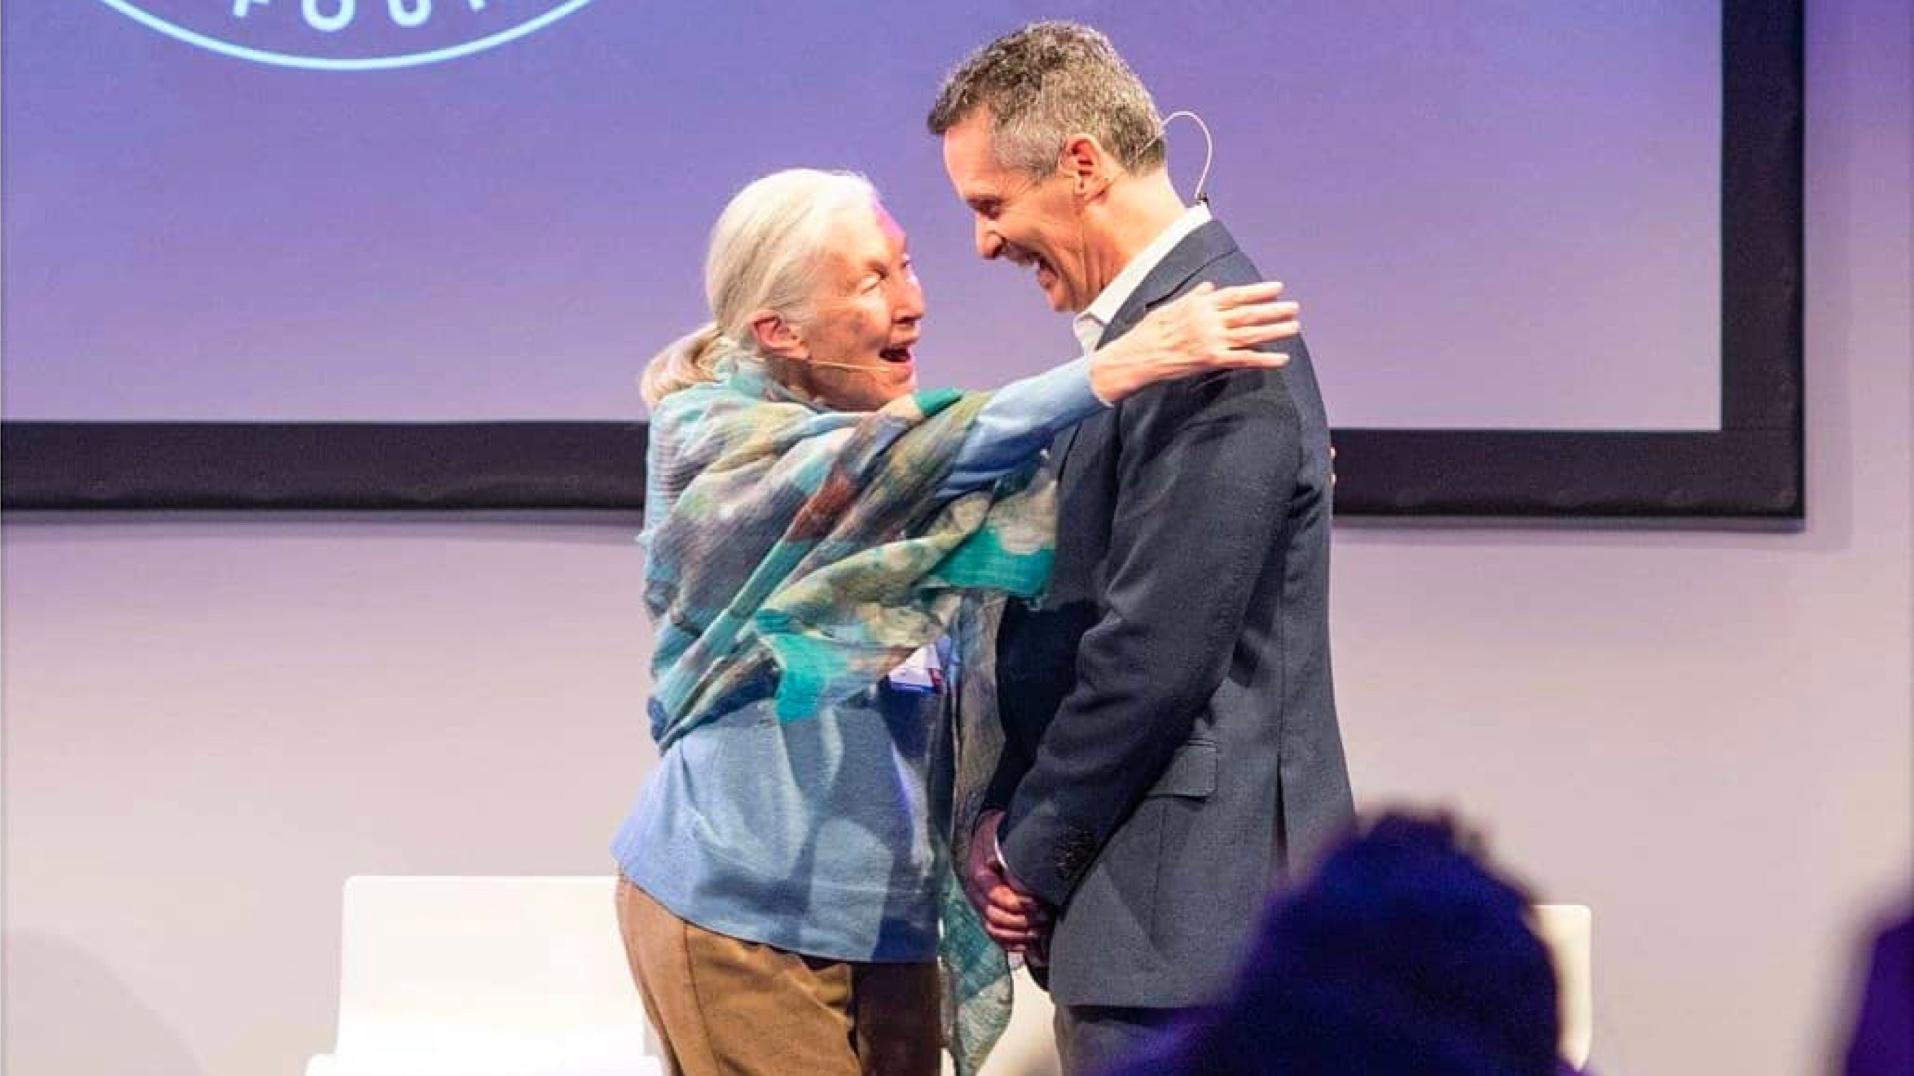 Jane Goodall embracing Dan Springer